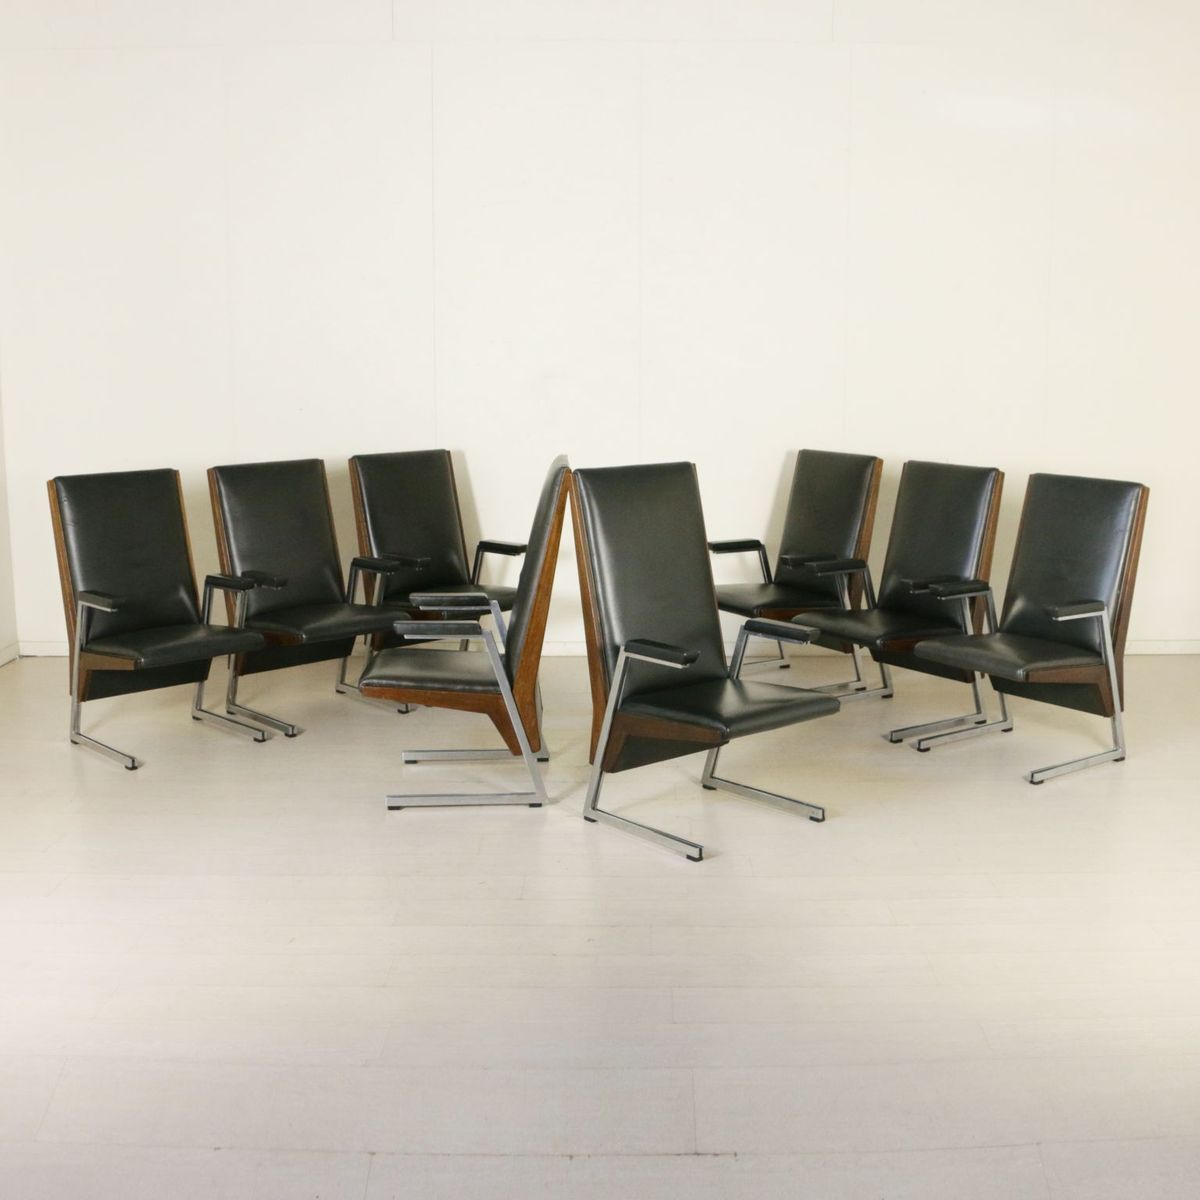 vintage sessel mit armlehnen aus gebeizter buche 8er set bei pamono kaufen. Black Bedroom Furniture Sets. Home Design Ideas